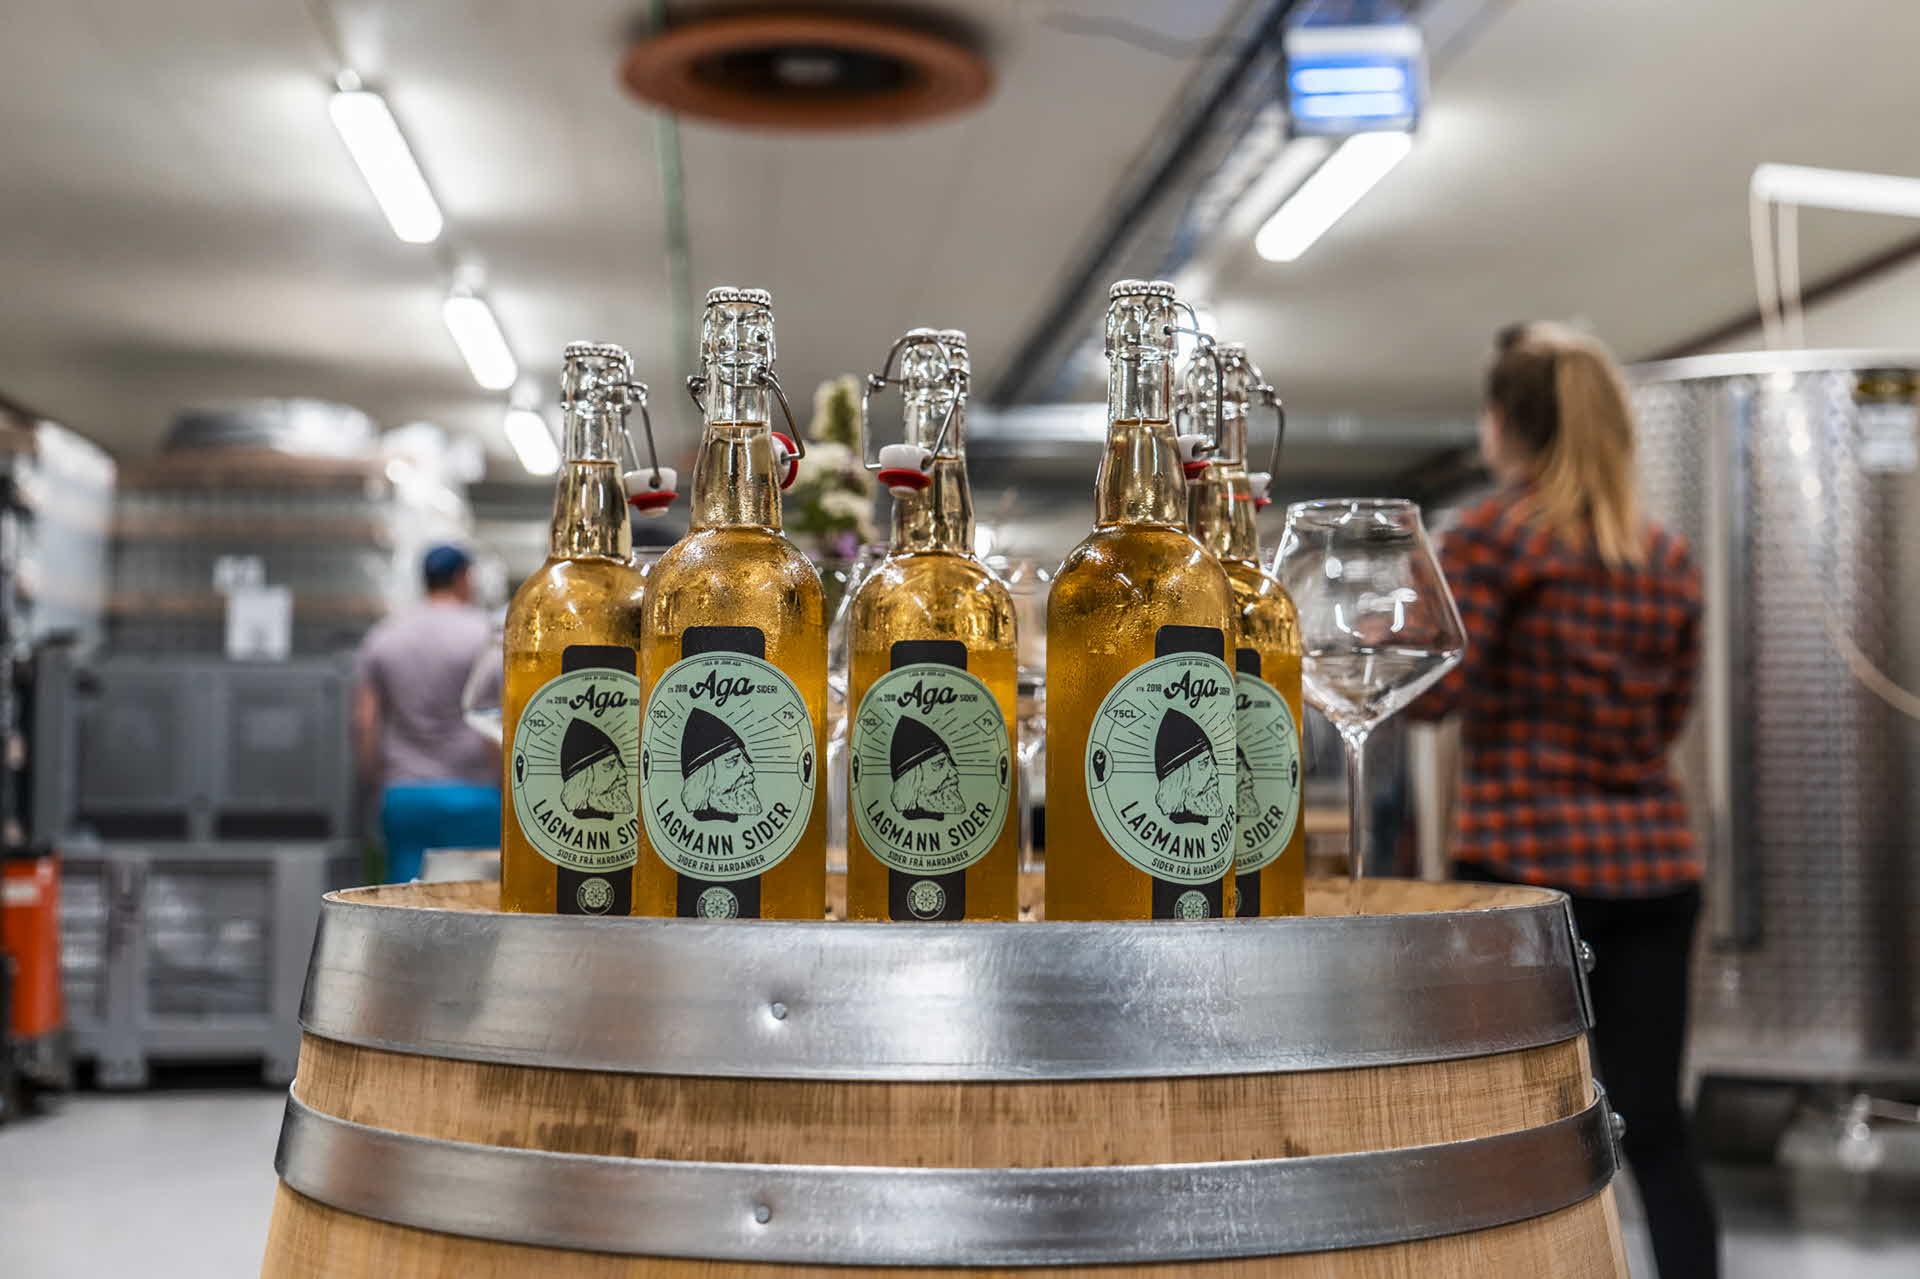 6 Aga siderflasker står på en tretønne inne i Aga bryggeri Hardanger